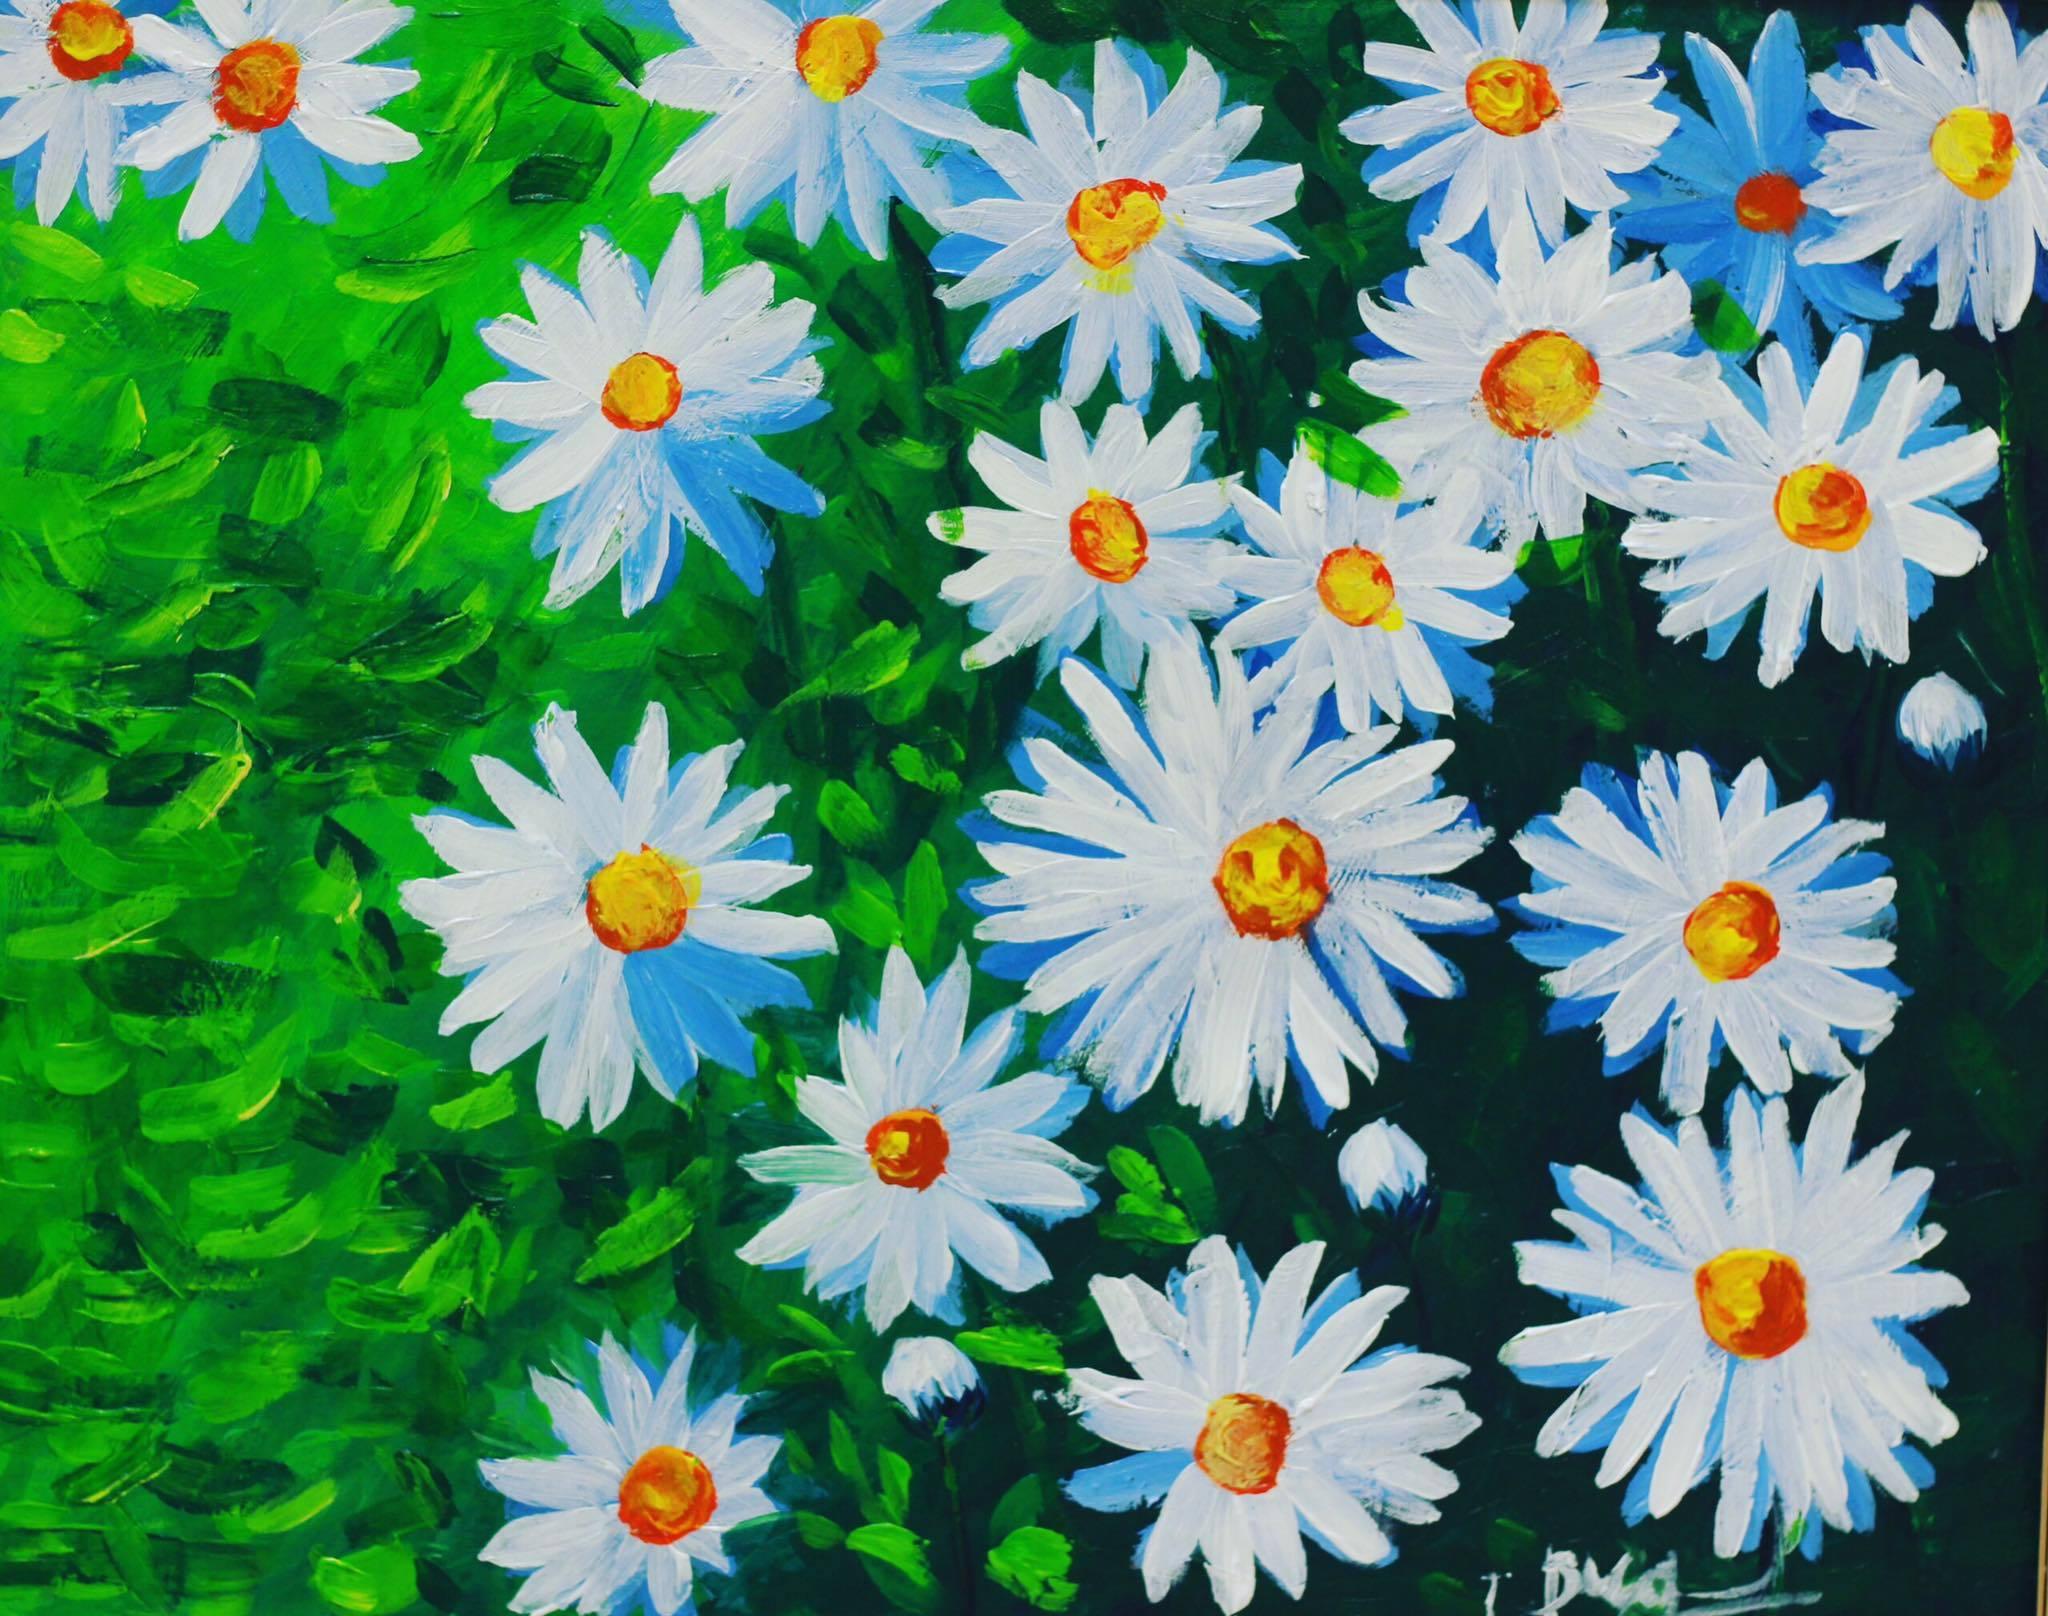 Triển lãm 'Sắc màu - Những mảnh ghép' của 6 em nhỏ mắc chứng tự kỷ